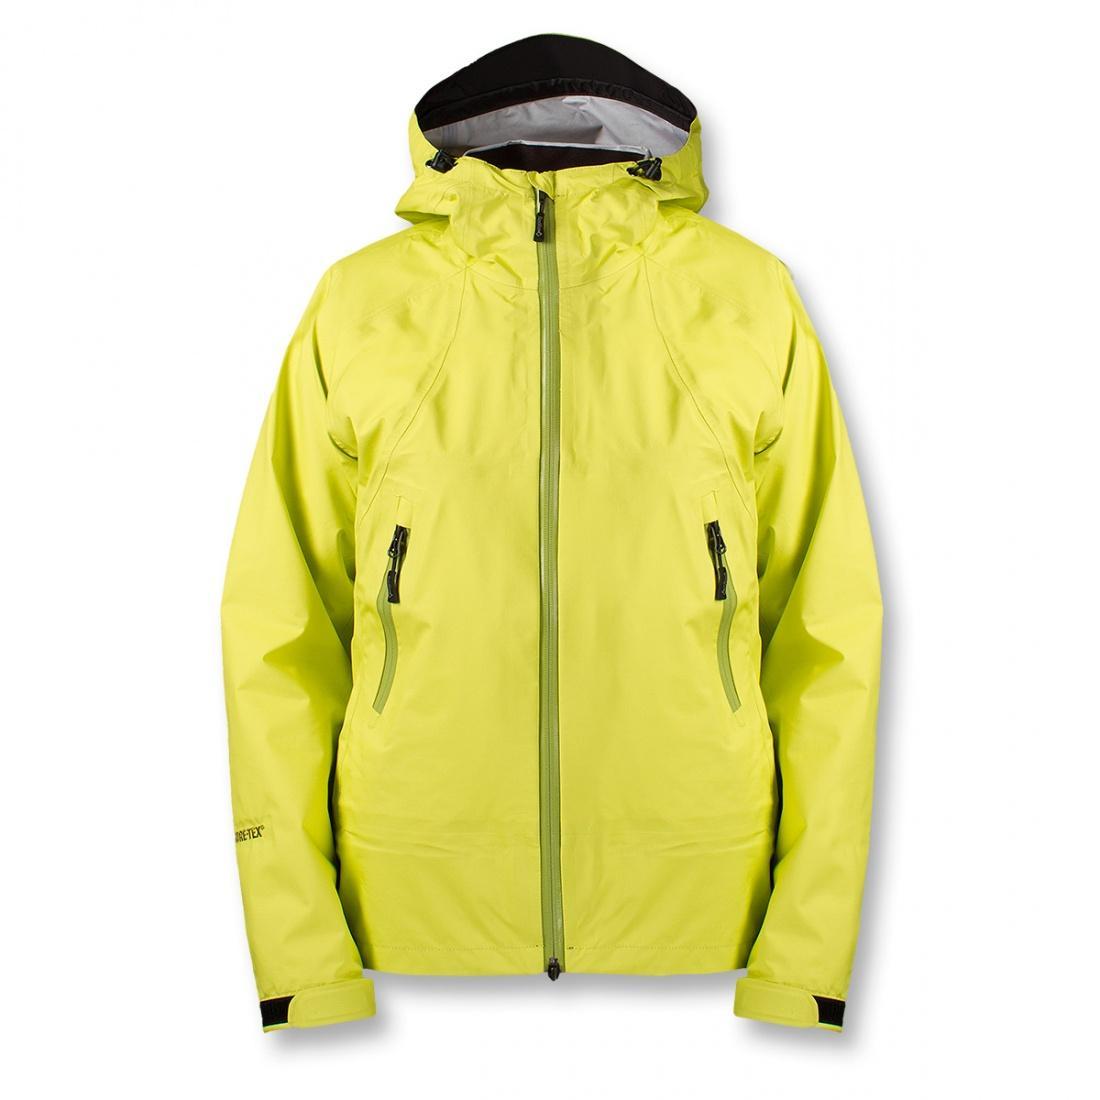 Куртка ветрозащитная Vega GTX II ЖенскаяКуртки<br>Женская штормовая куртка из материала GORE-TEX®<br> <br><br>ОСНОВНОЕ НАЗНАЧЕНИЕ: горные походы, треккинг<br>ПОСАДКА: Alpine Fit<br>МАТЕРИАЛ: ...<br><br>Цвет: Оттенок желтого<br>Размер: 50